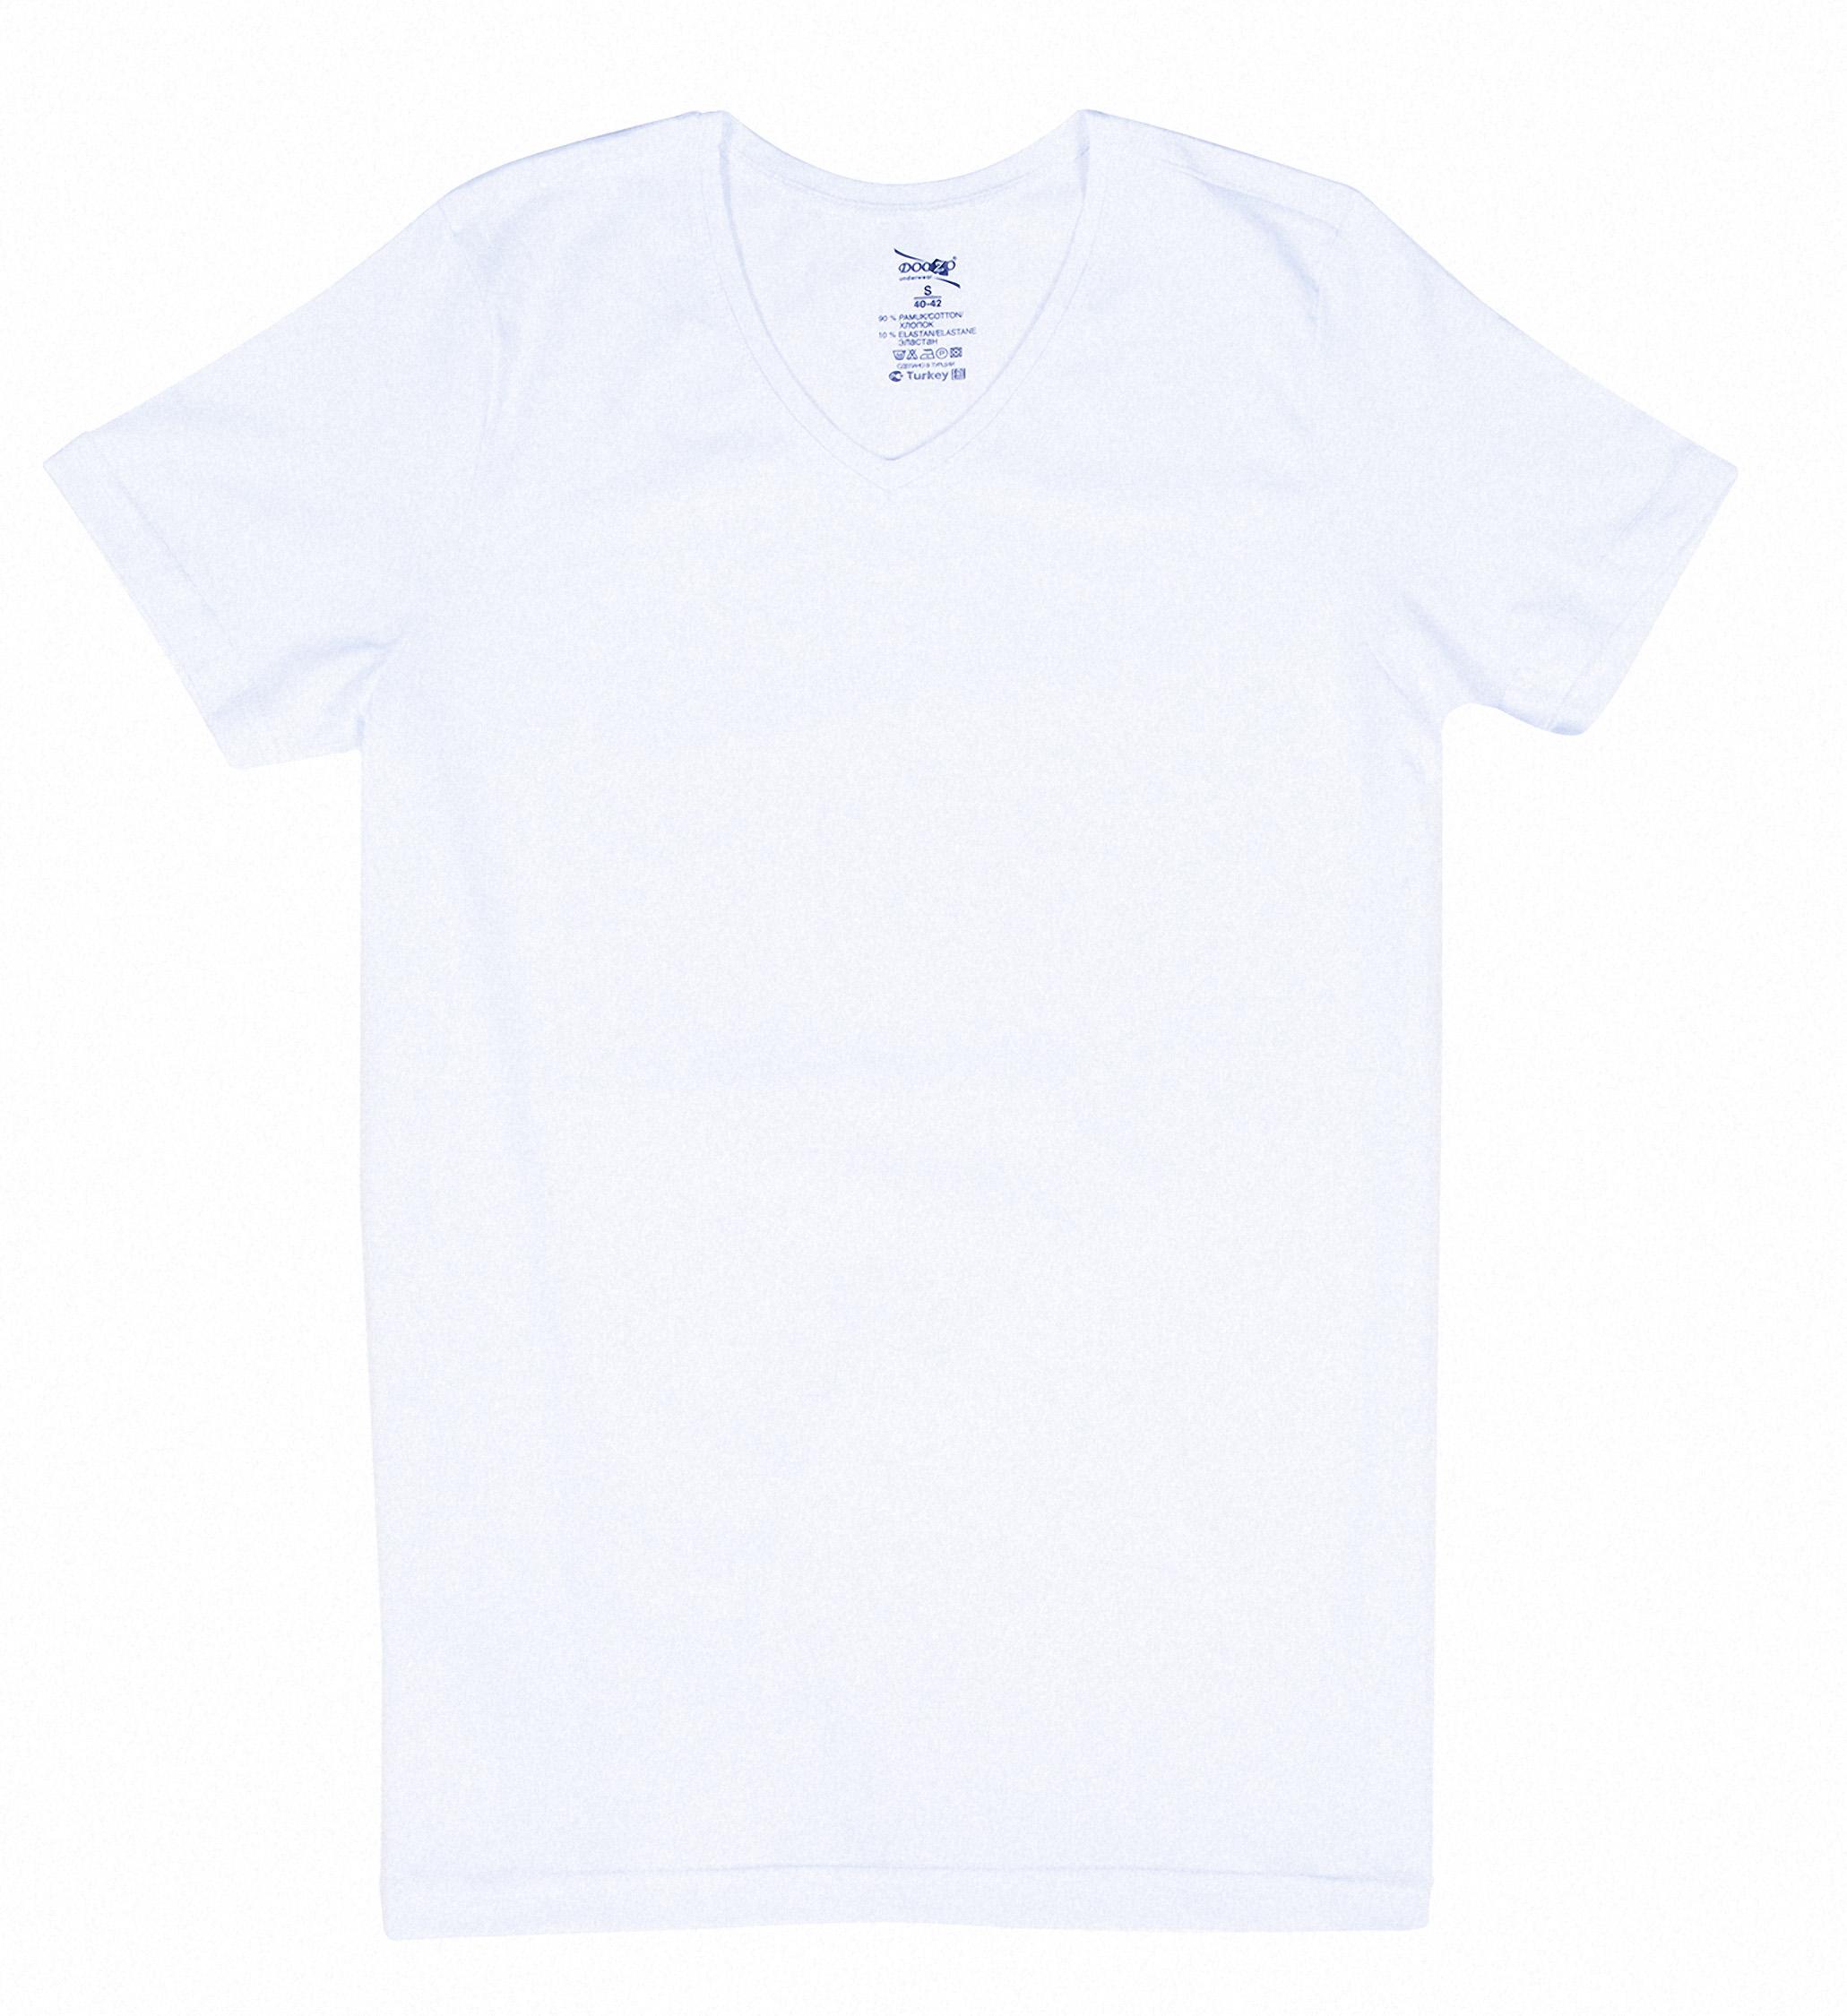 Купить Футболка мужская Doozo V-вырез р.XL белый м.434